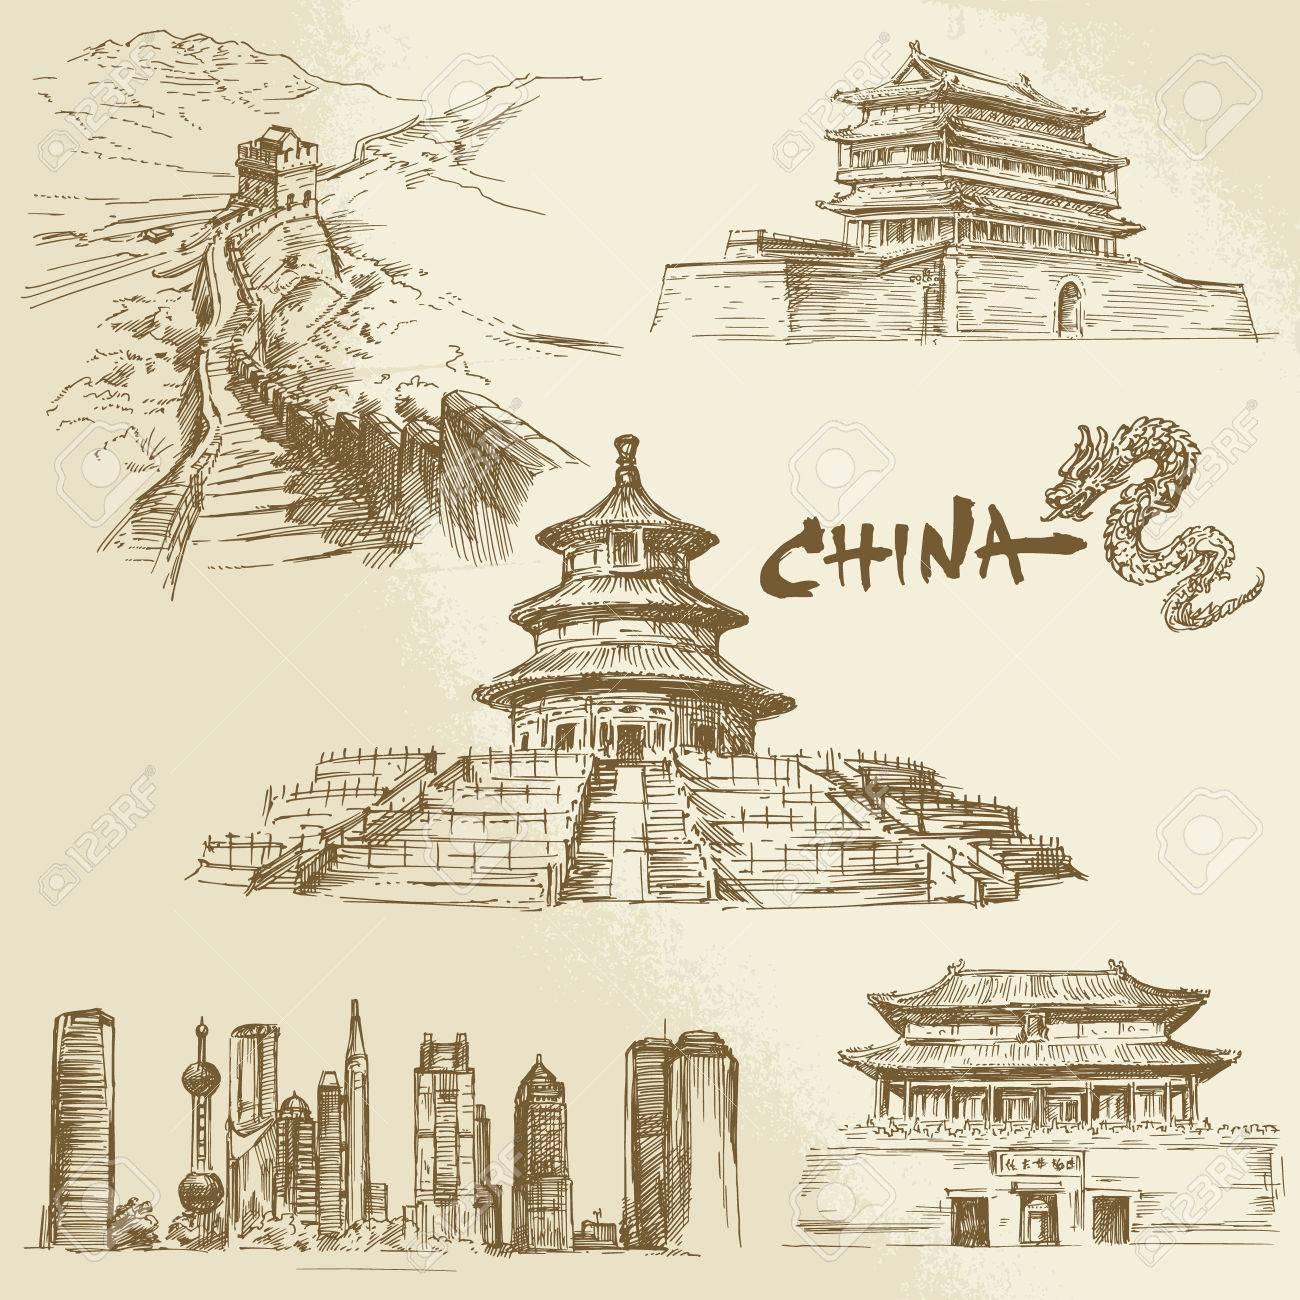 China, Peking - Chinesische Erbe Standard-Bild - 27447037